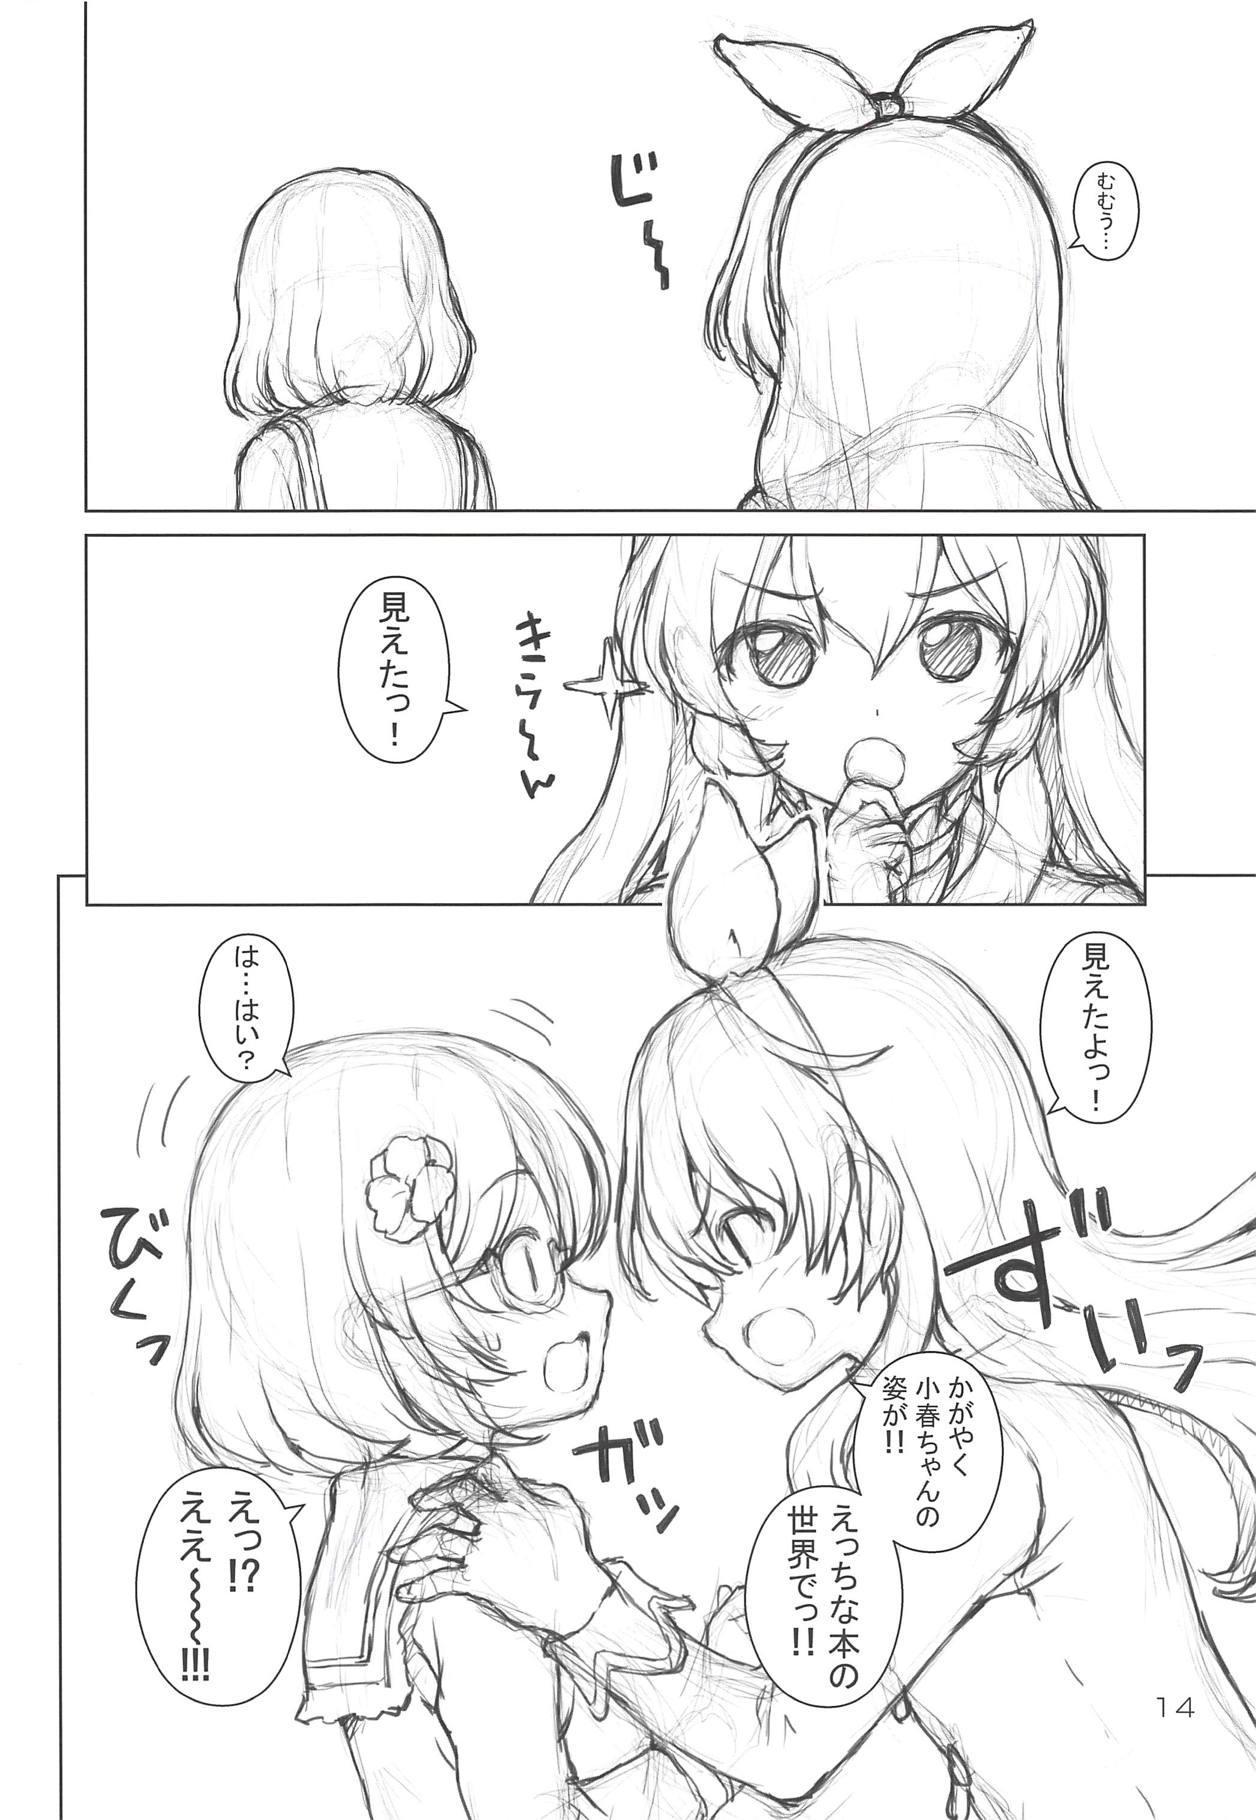 Matokatsu! 12